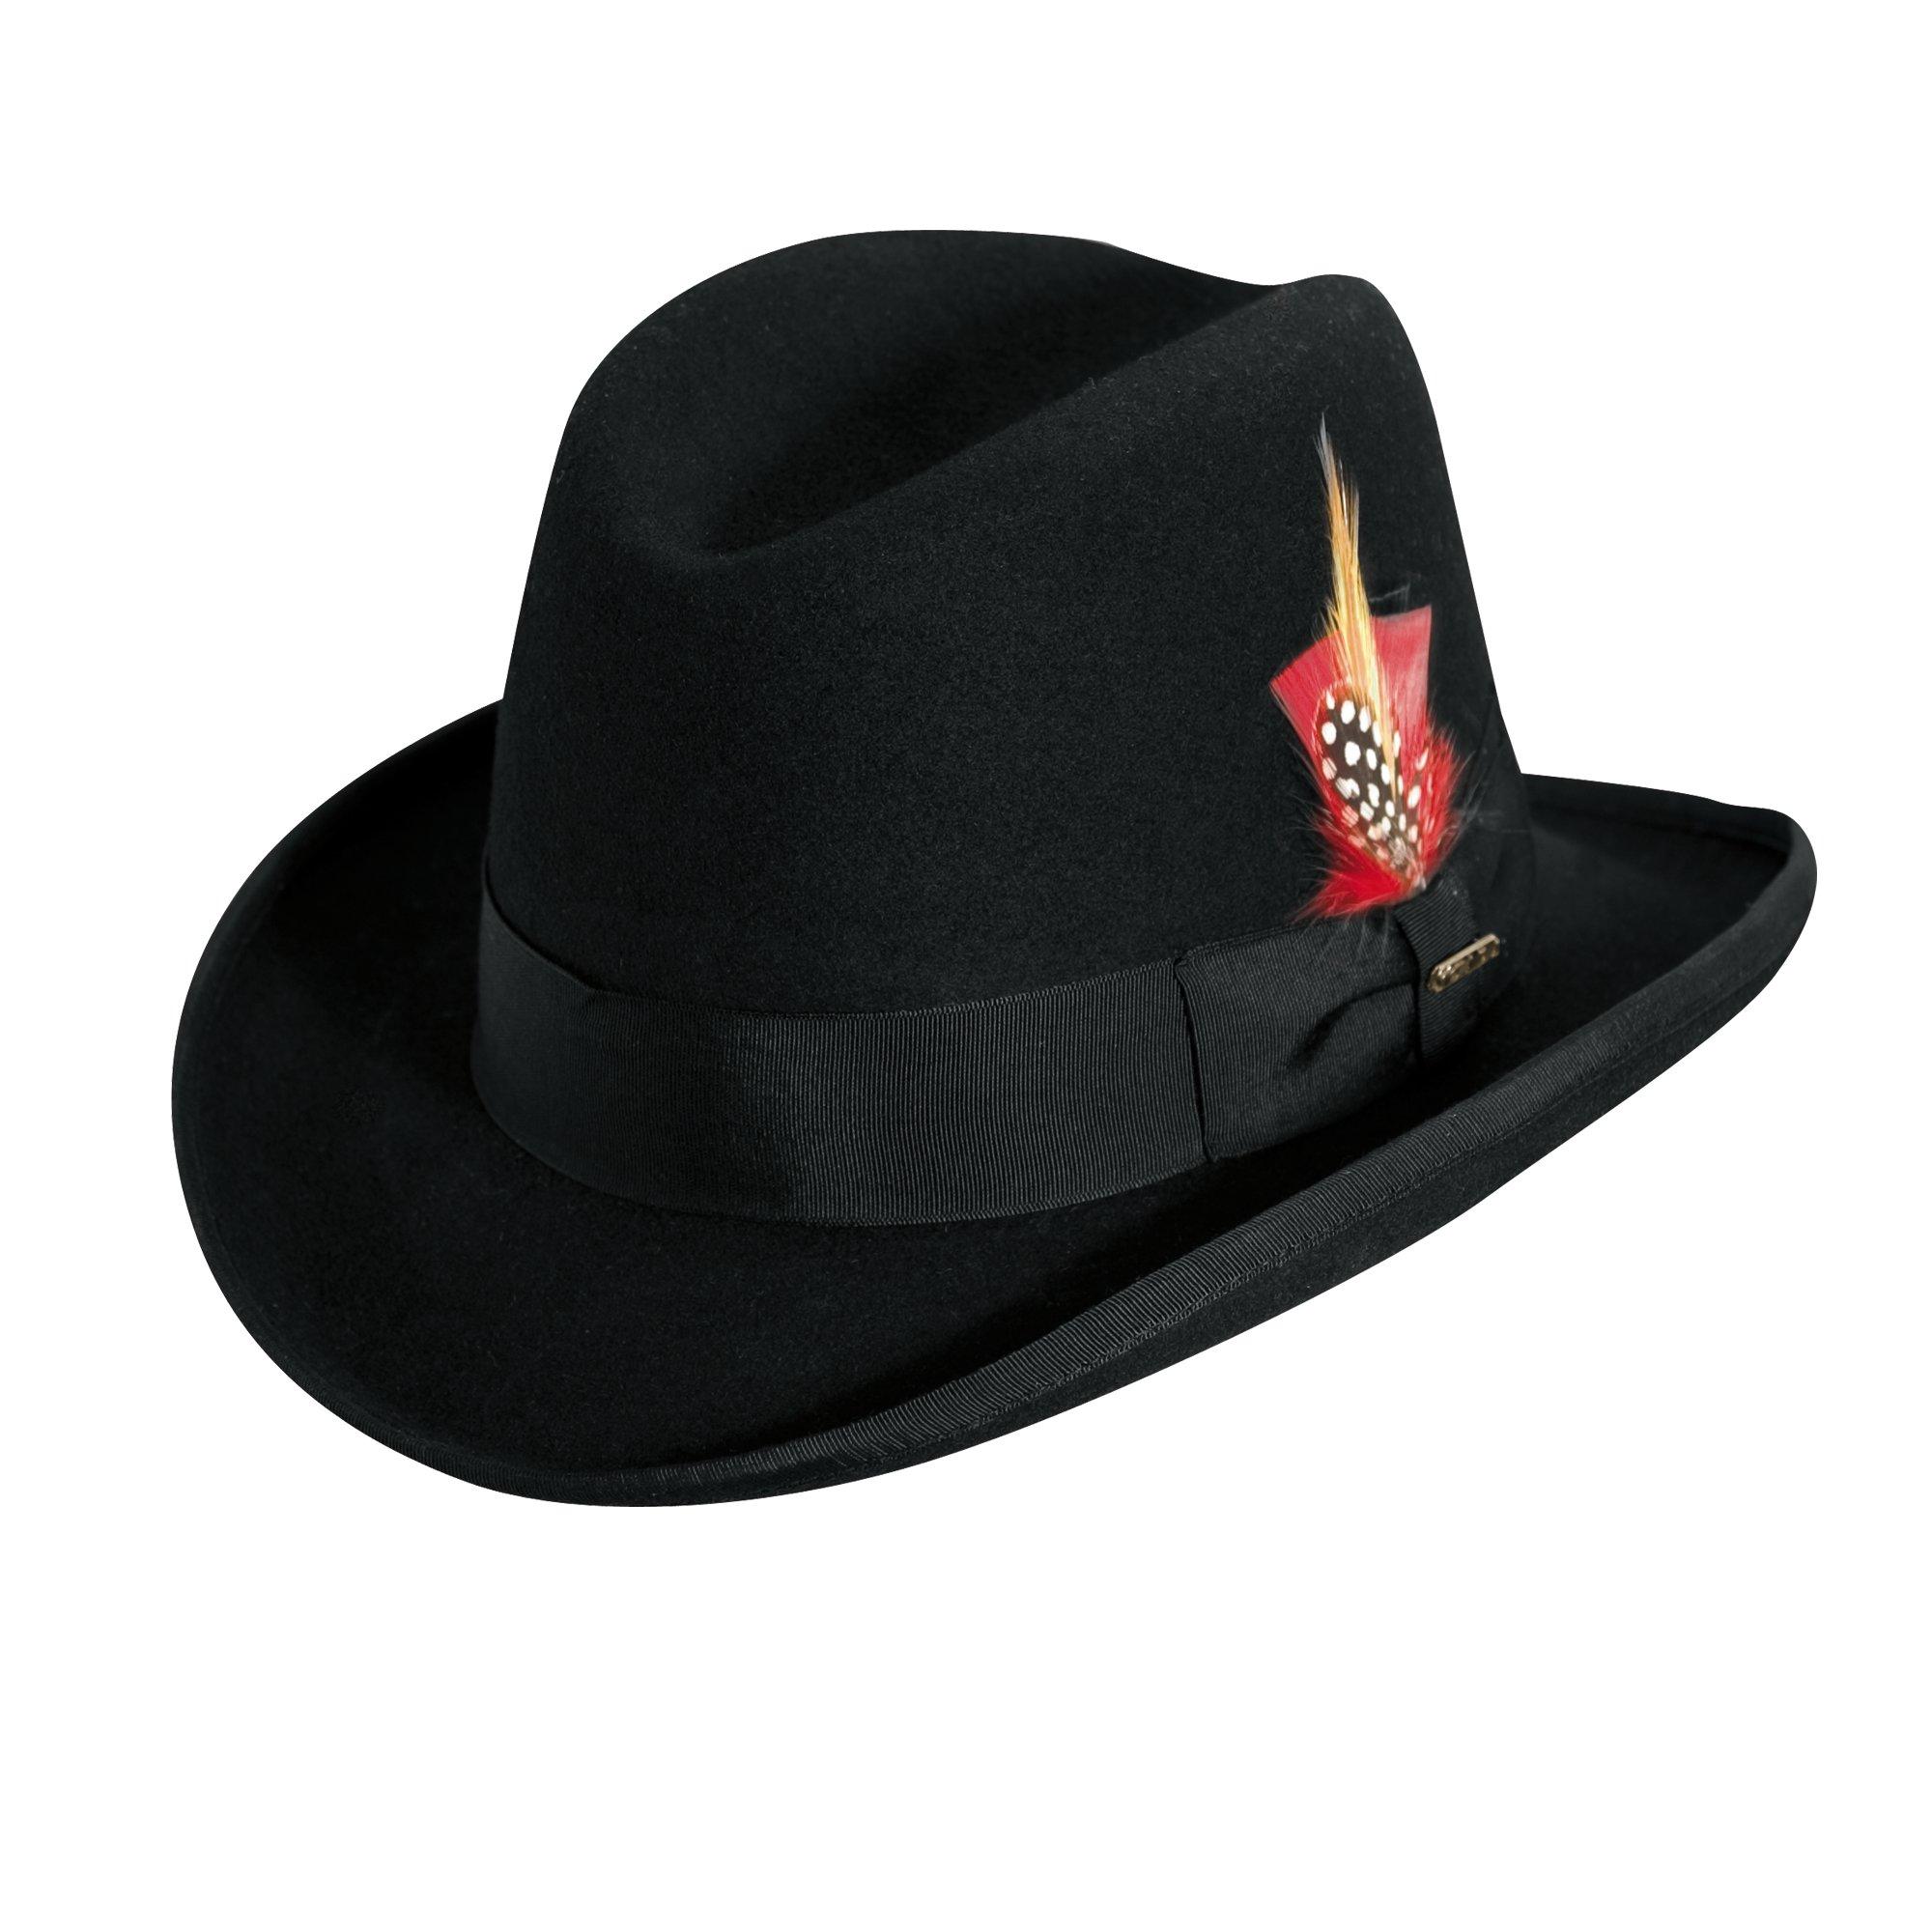 Scala Classico Men's Wool Felt Homburg Hat, Black, Medium